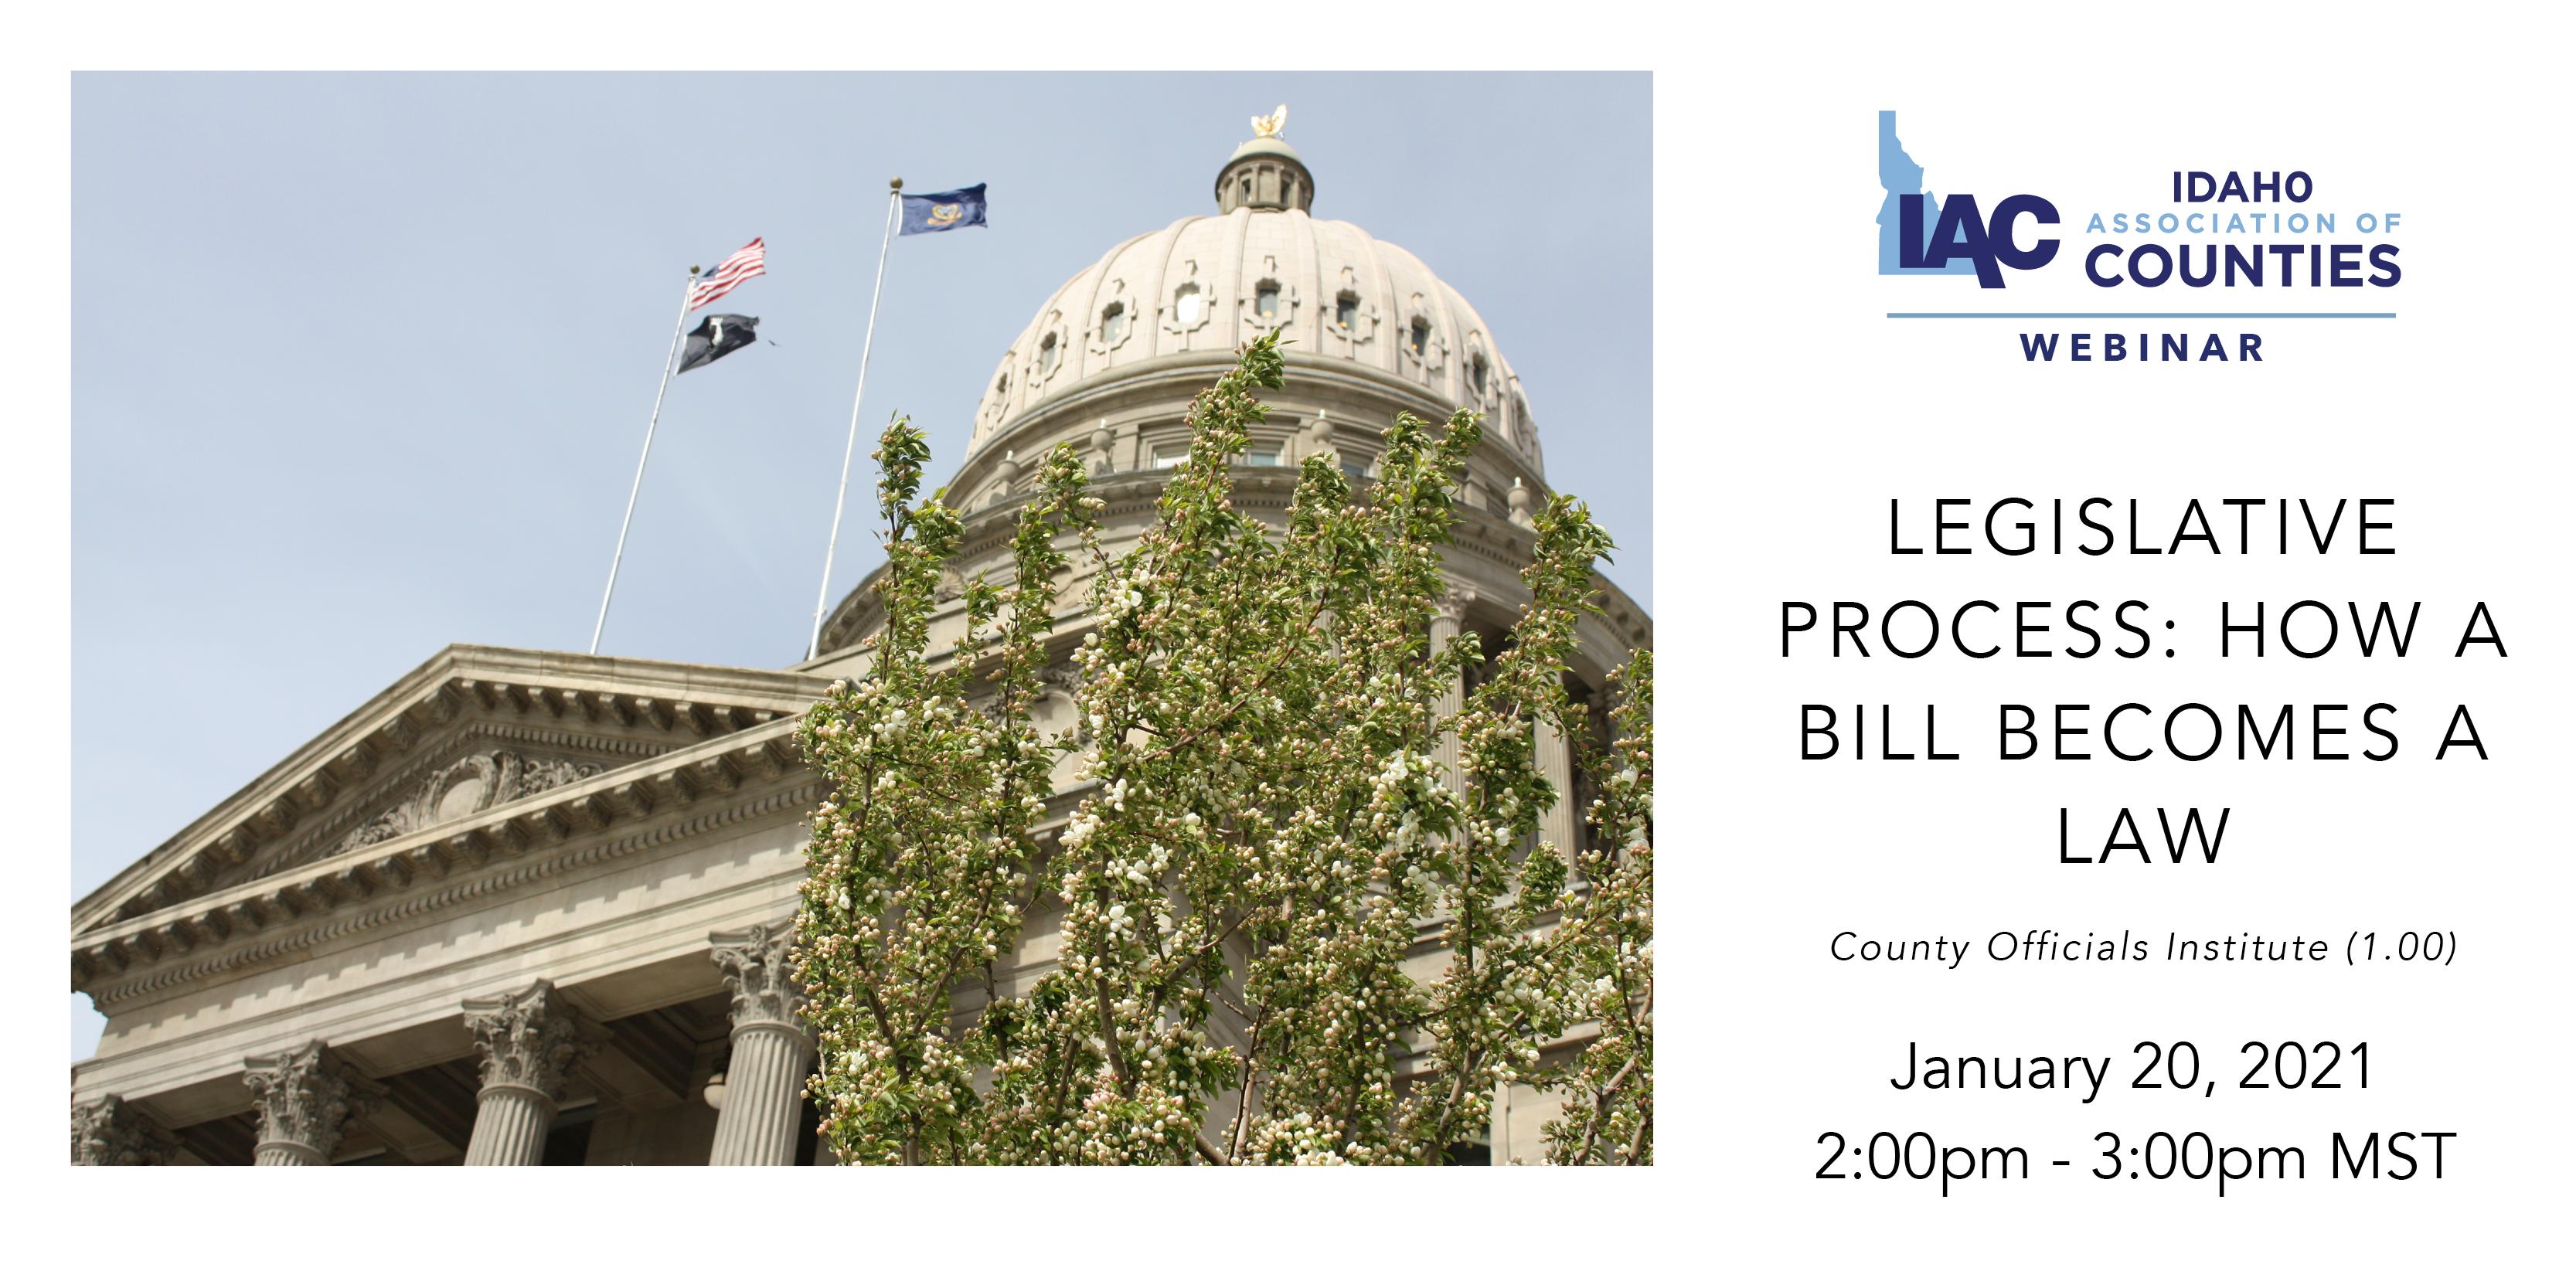 IAC Webinar: Legislative Process: How a Bill Becomes a Law